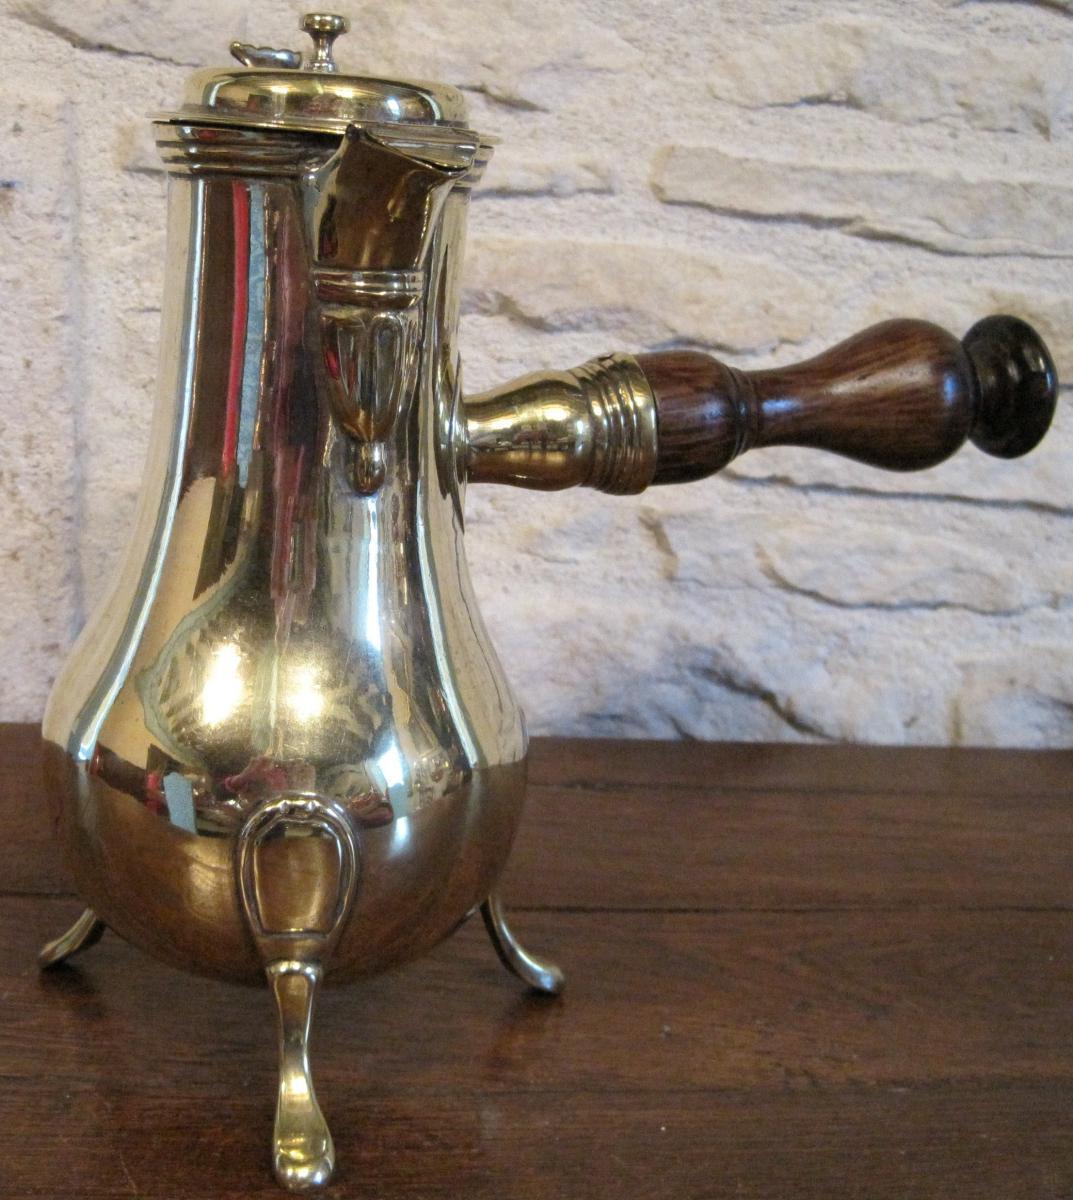 Verseuse en laiton, forgée au marteau. 2ème moitié du XVIIIe s.